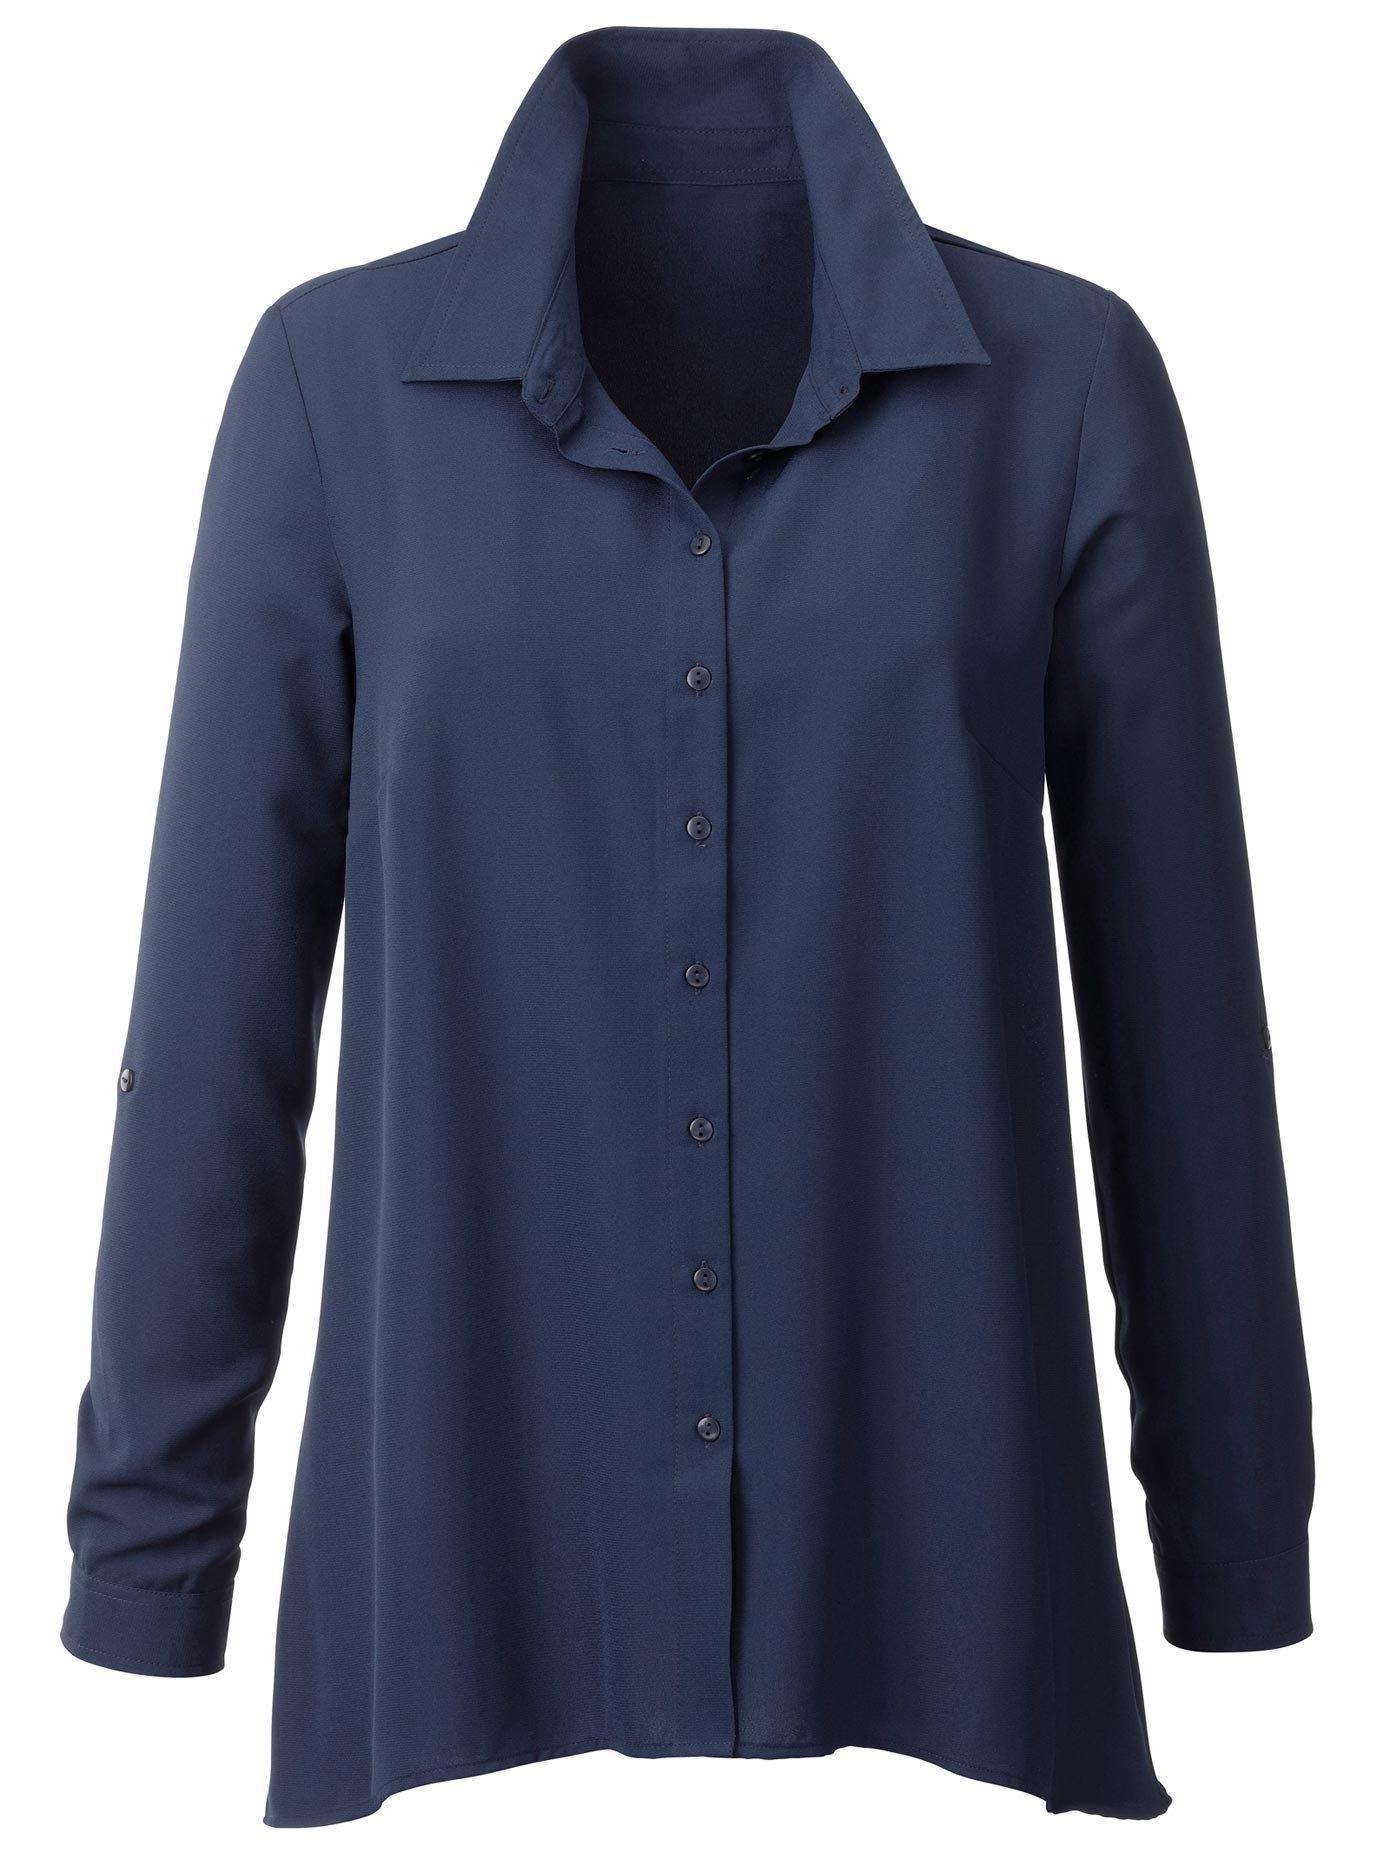 Classic Inspirationen blouse met lange mouwen - verschillende betaalmethodes